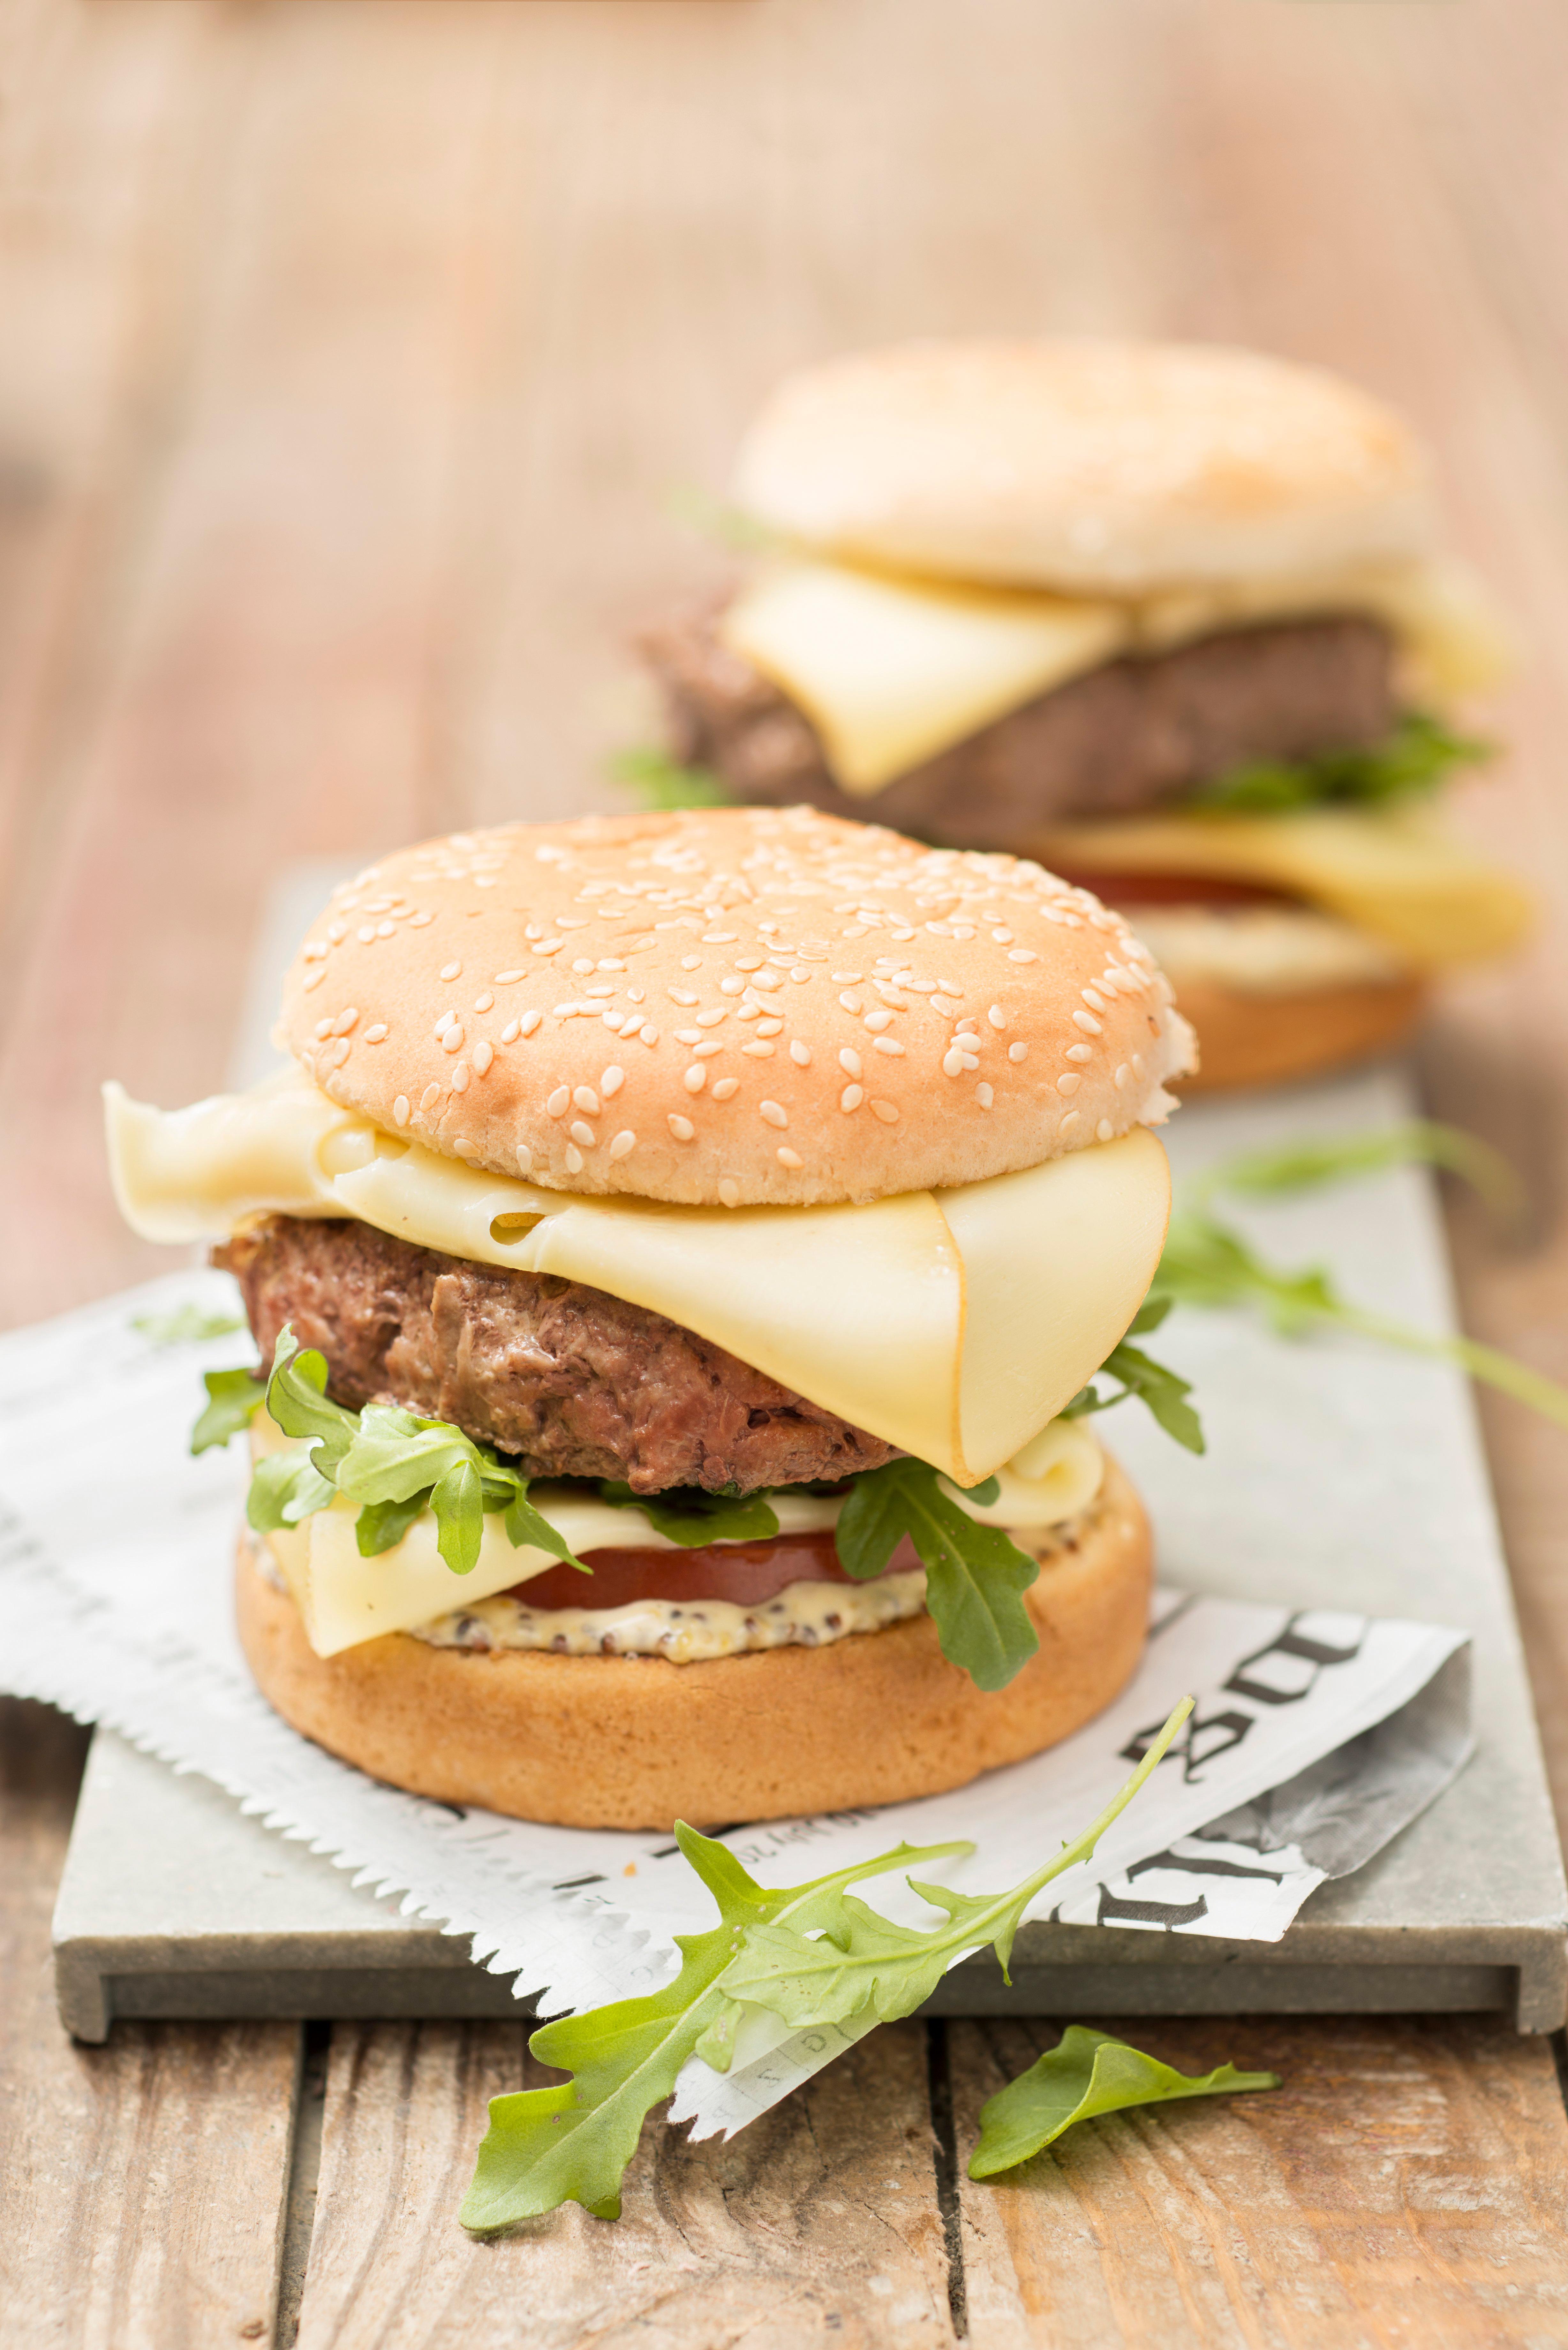 Mediterraner Rucola Burger mit himmlischer Honig-Mayonnaise